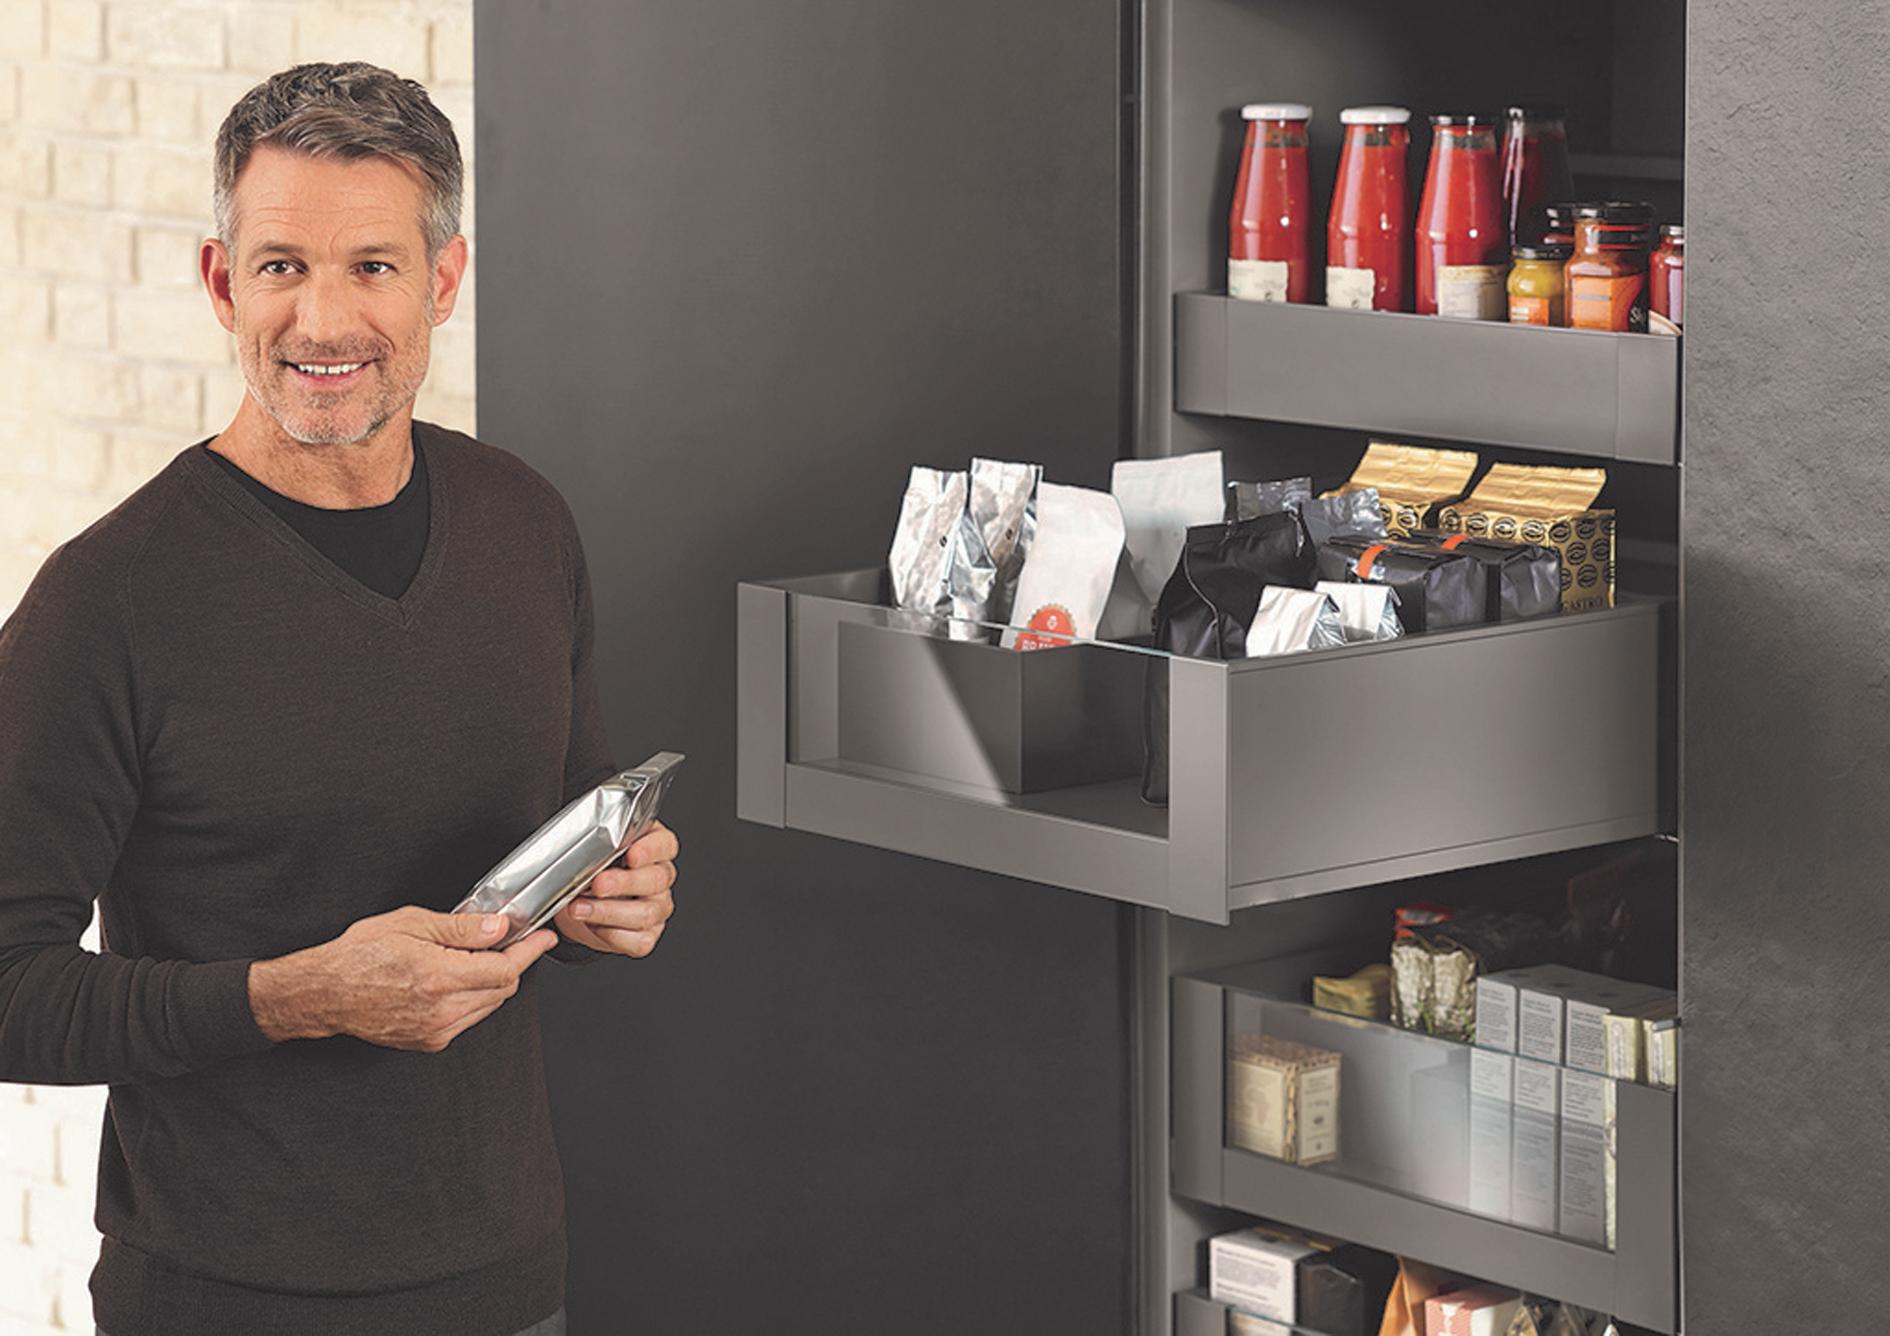 amk ergonomie komfort 02. Black Bedroom Furniture Sets. Home Design Ideas